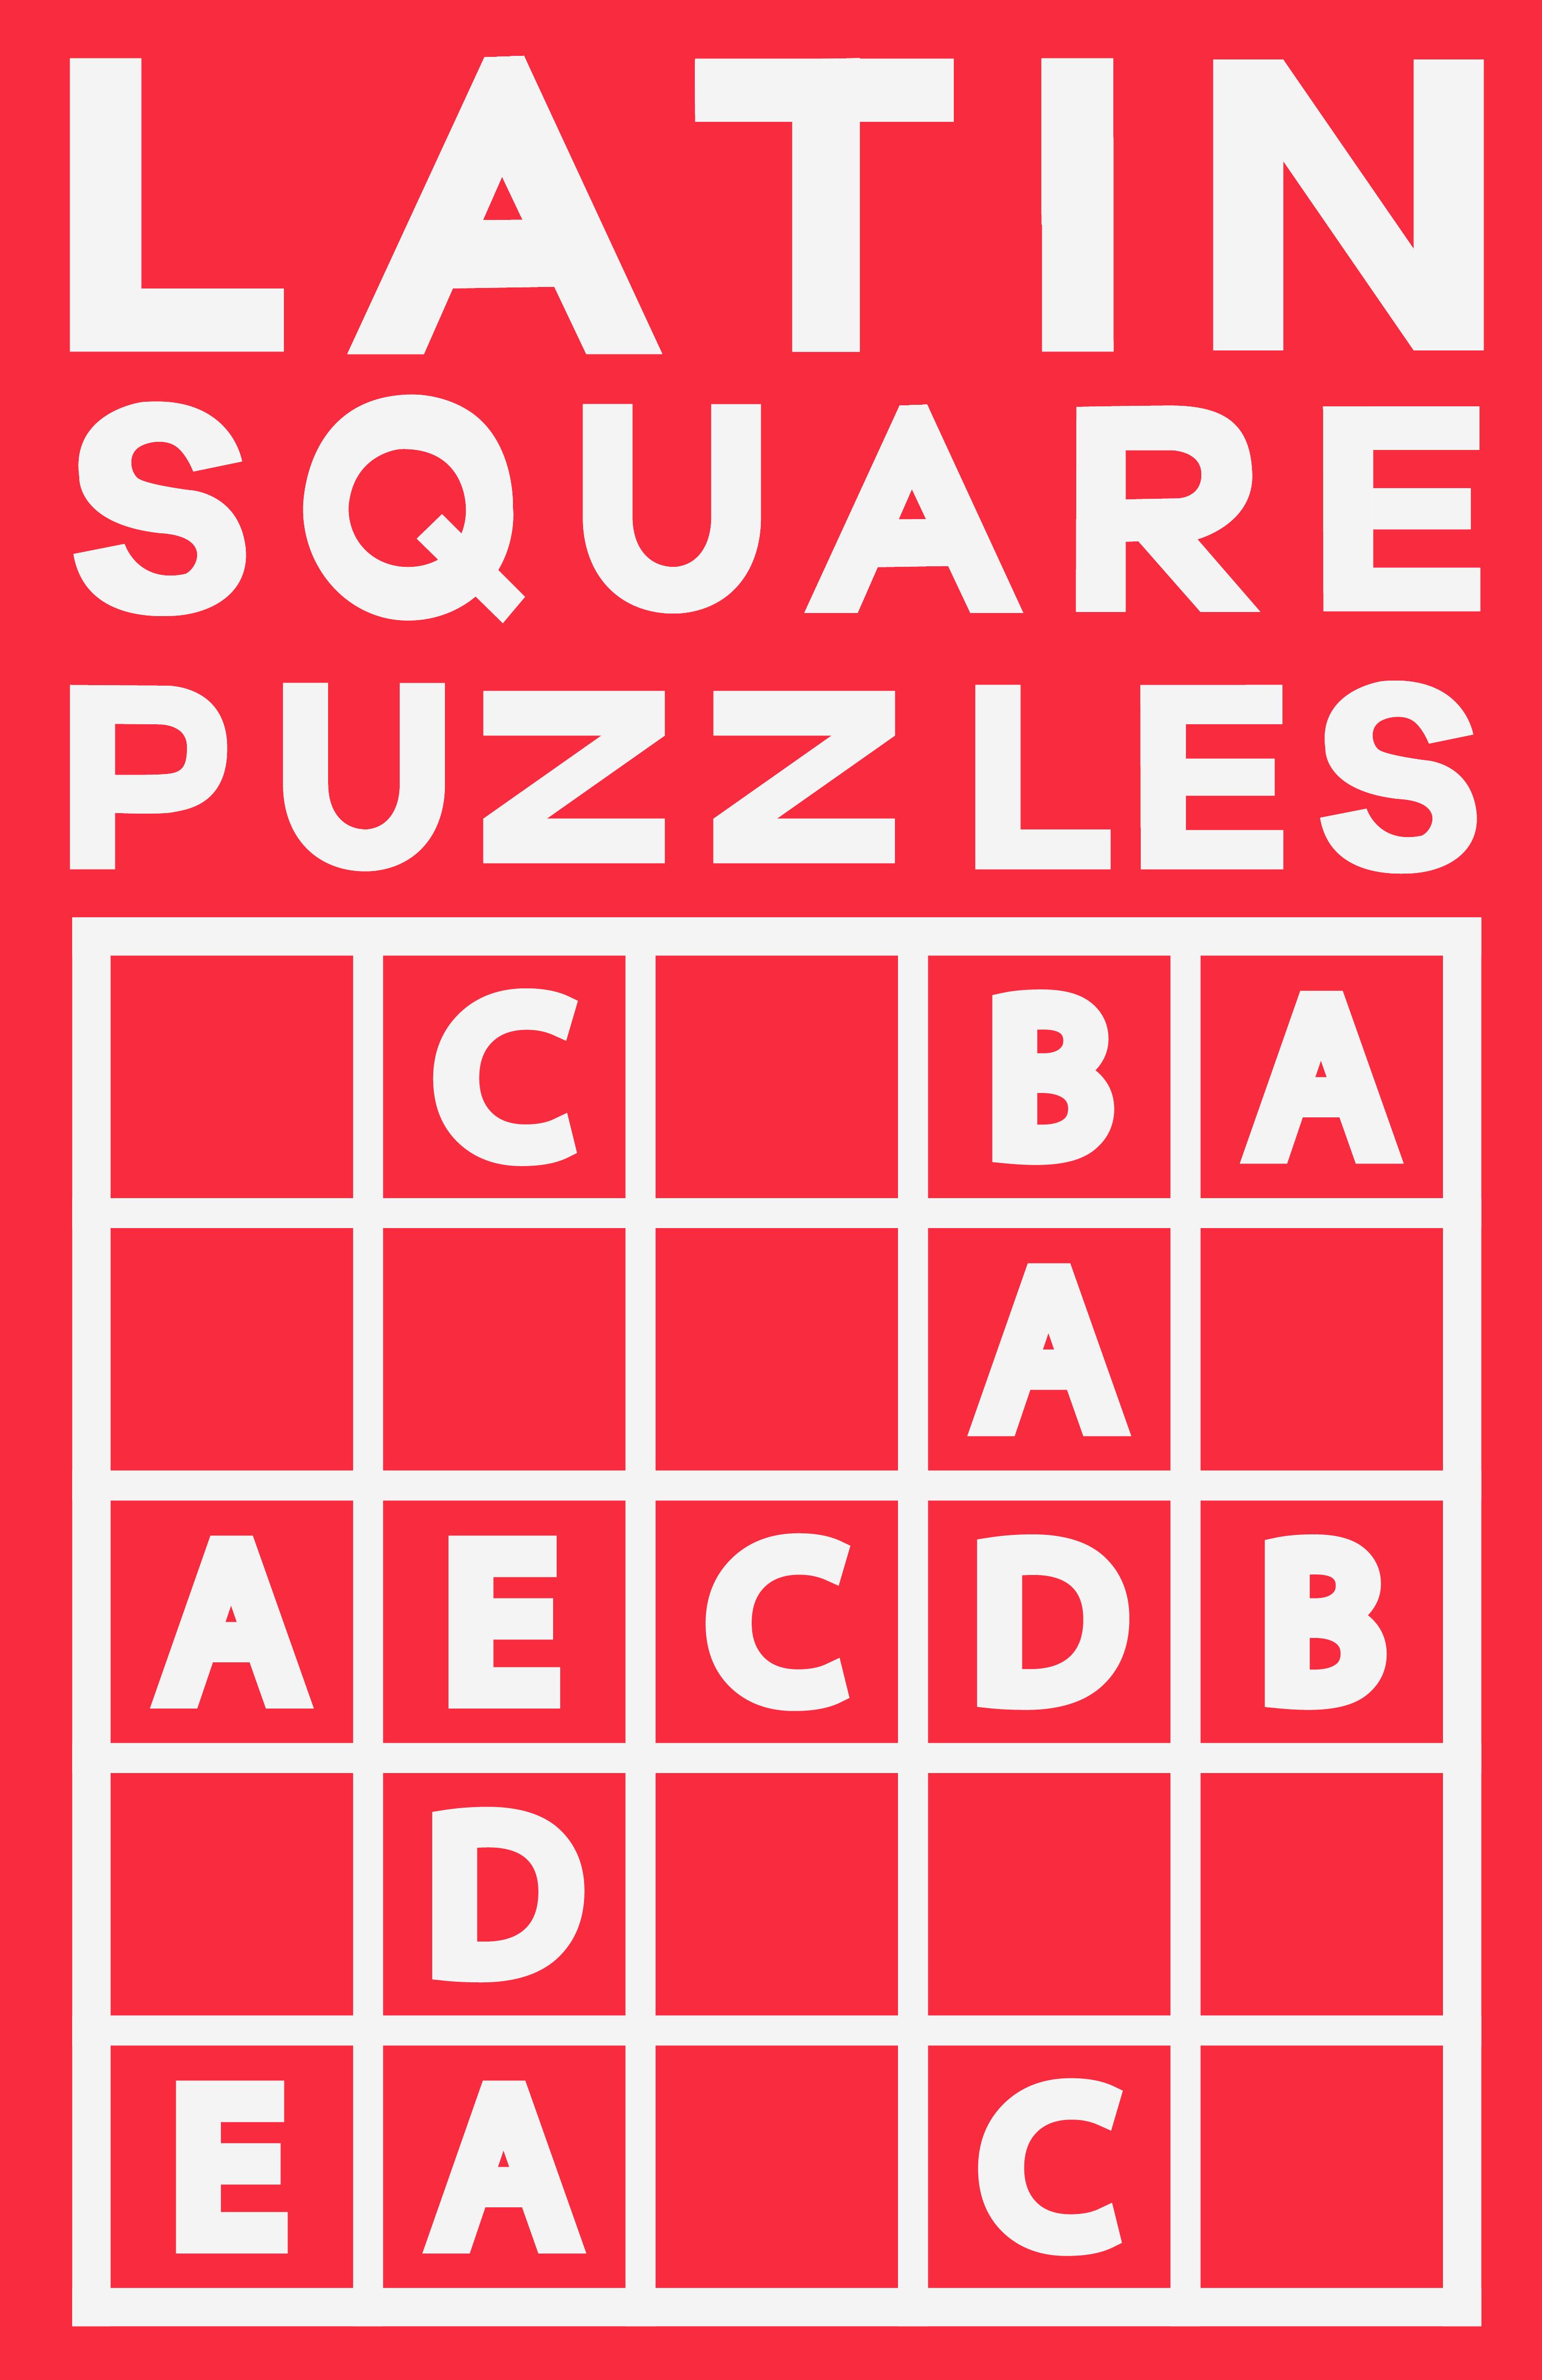 Latin Square Puzzles Puzzle, Latin